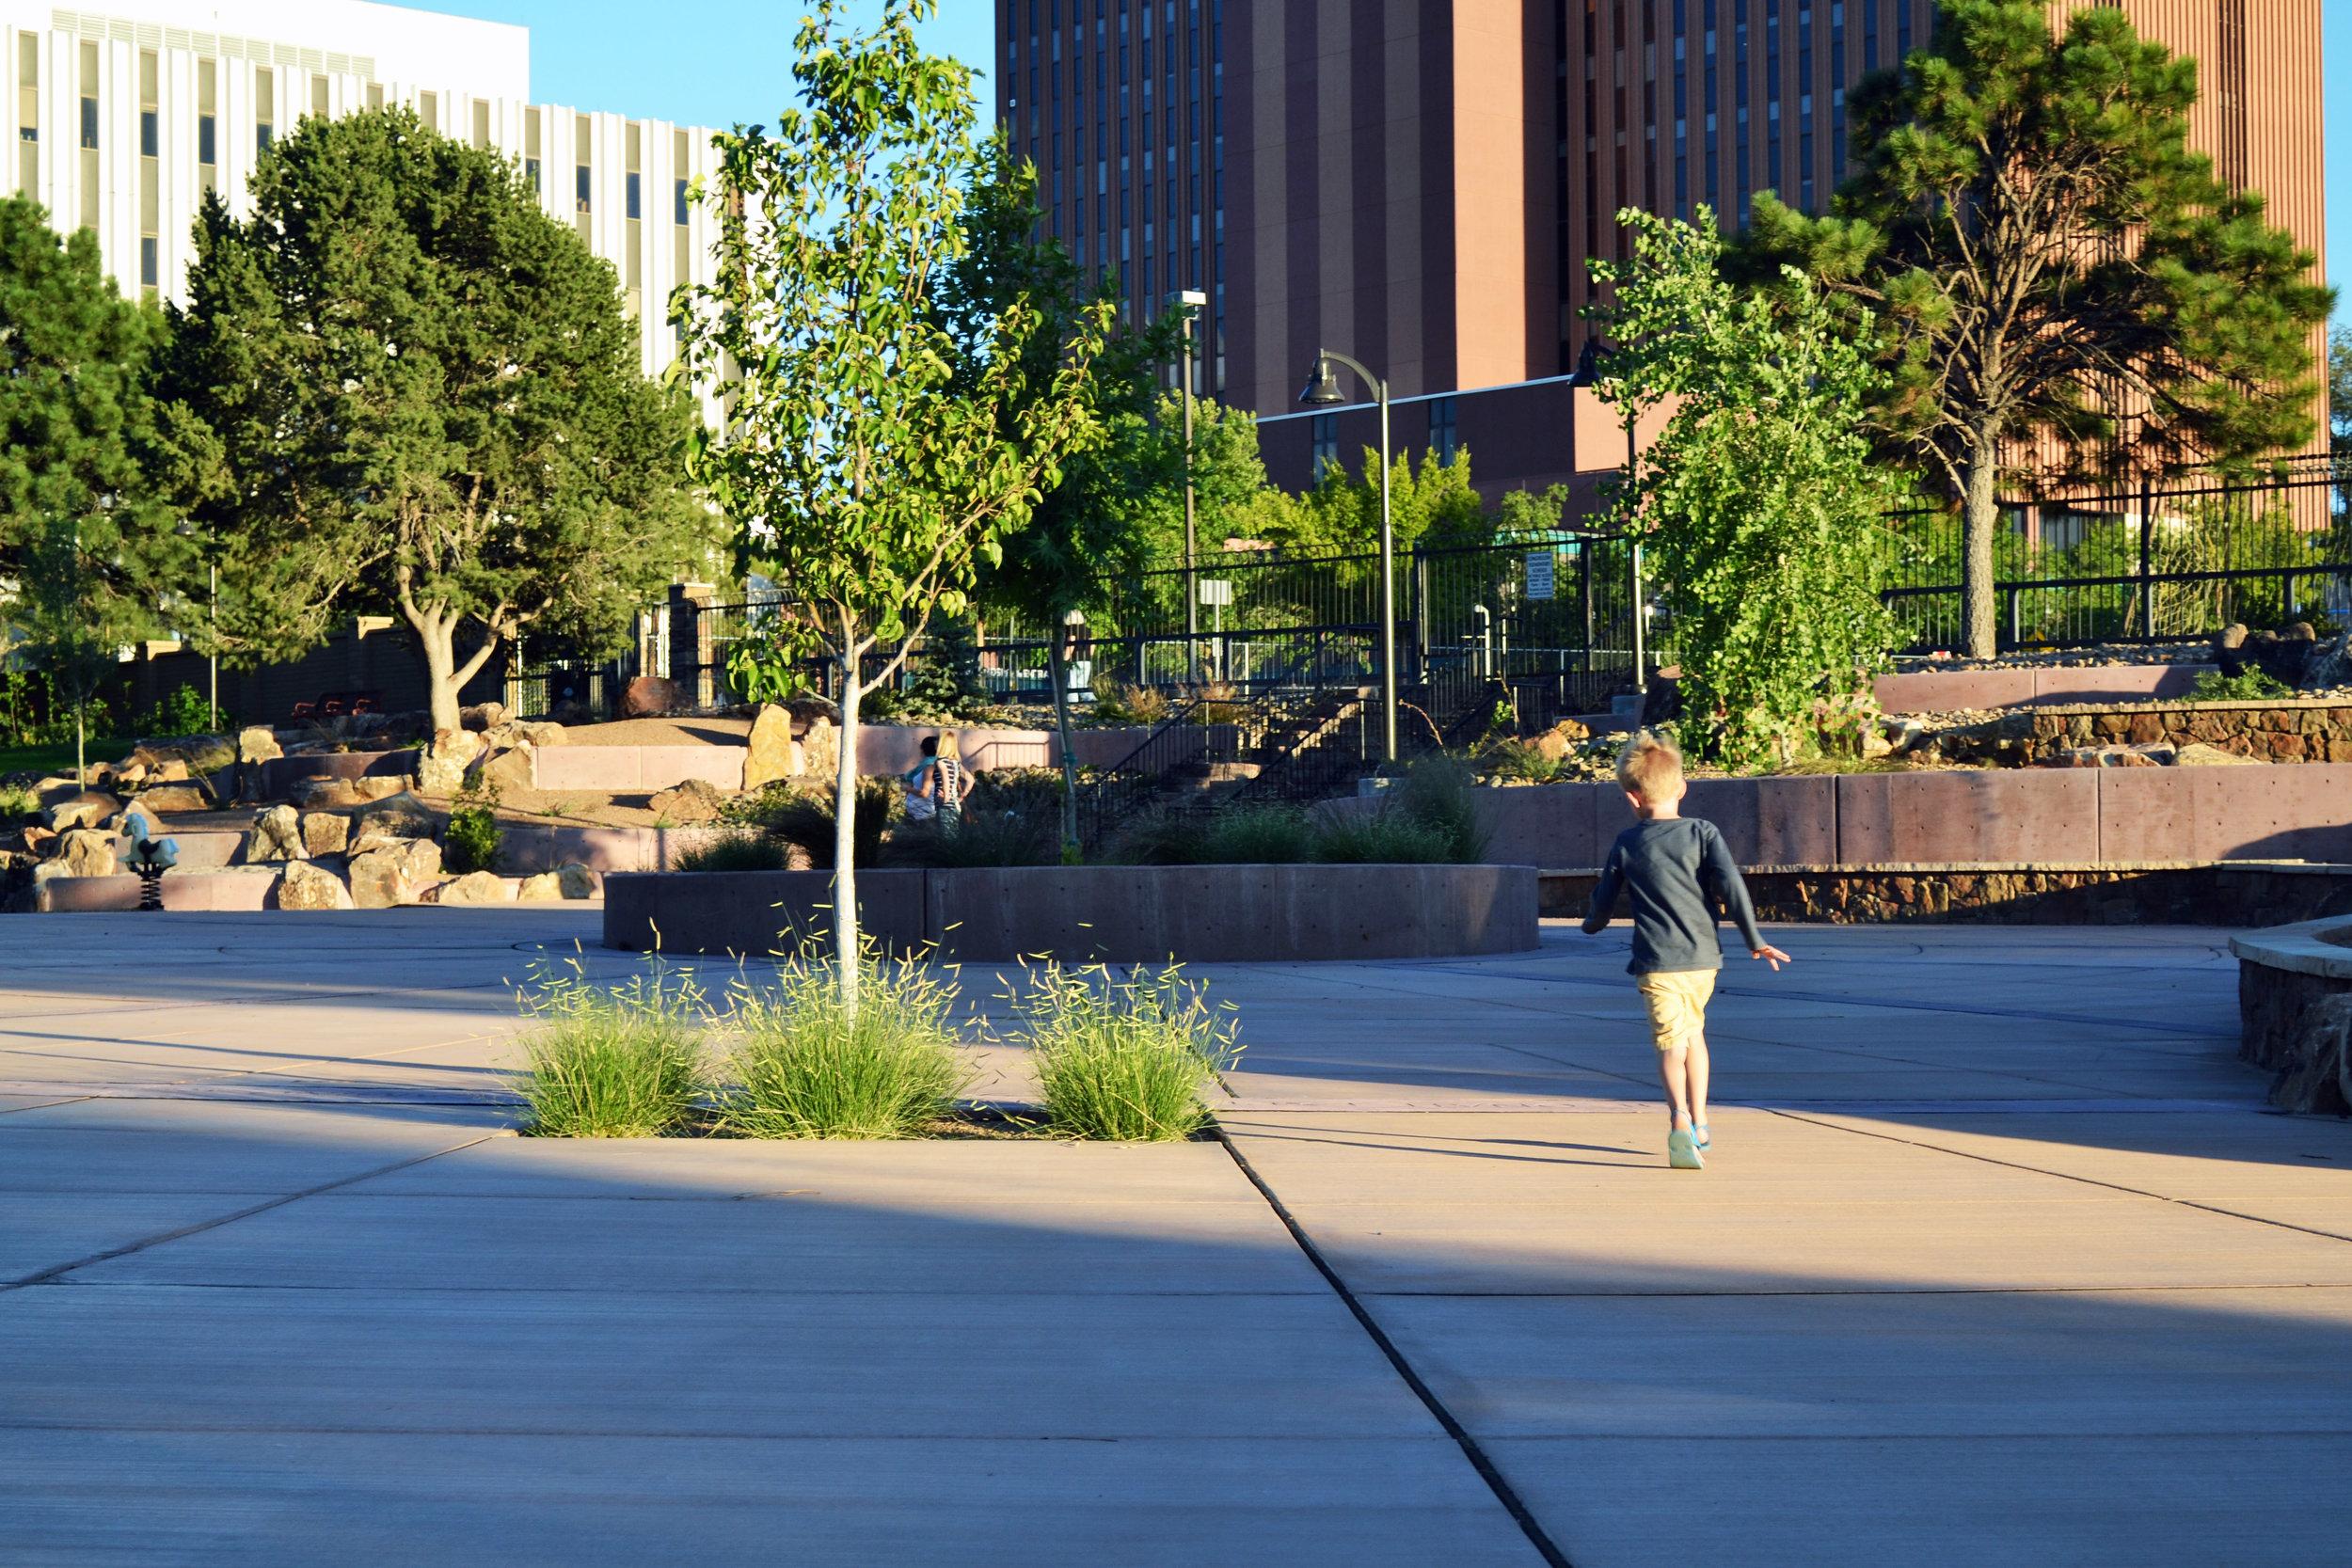 Martineztown Park plaza